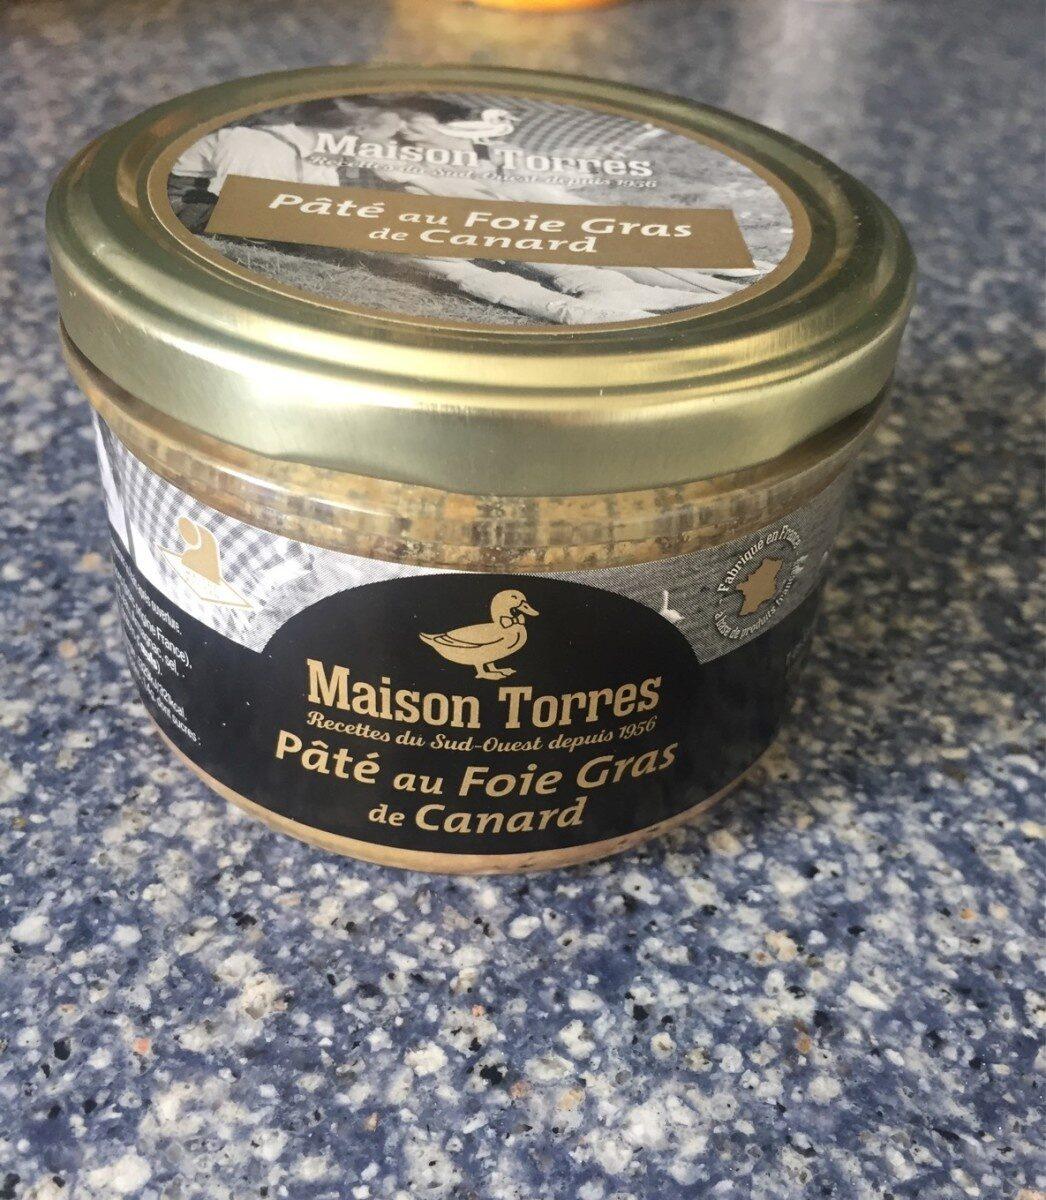 Paté au foie gras de canard - Product - fr